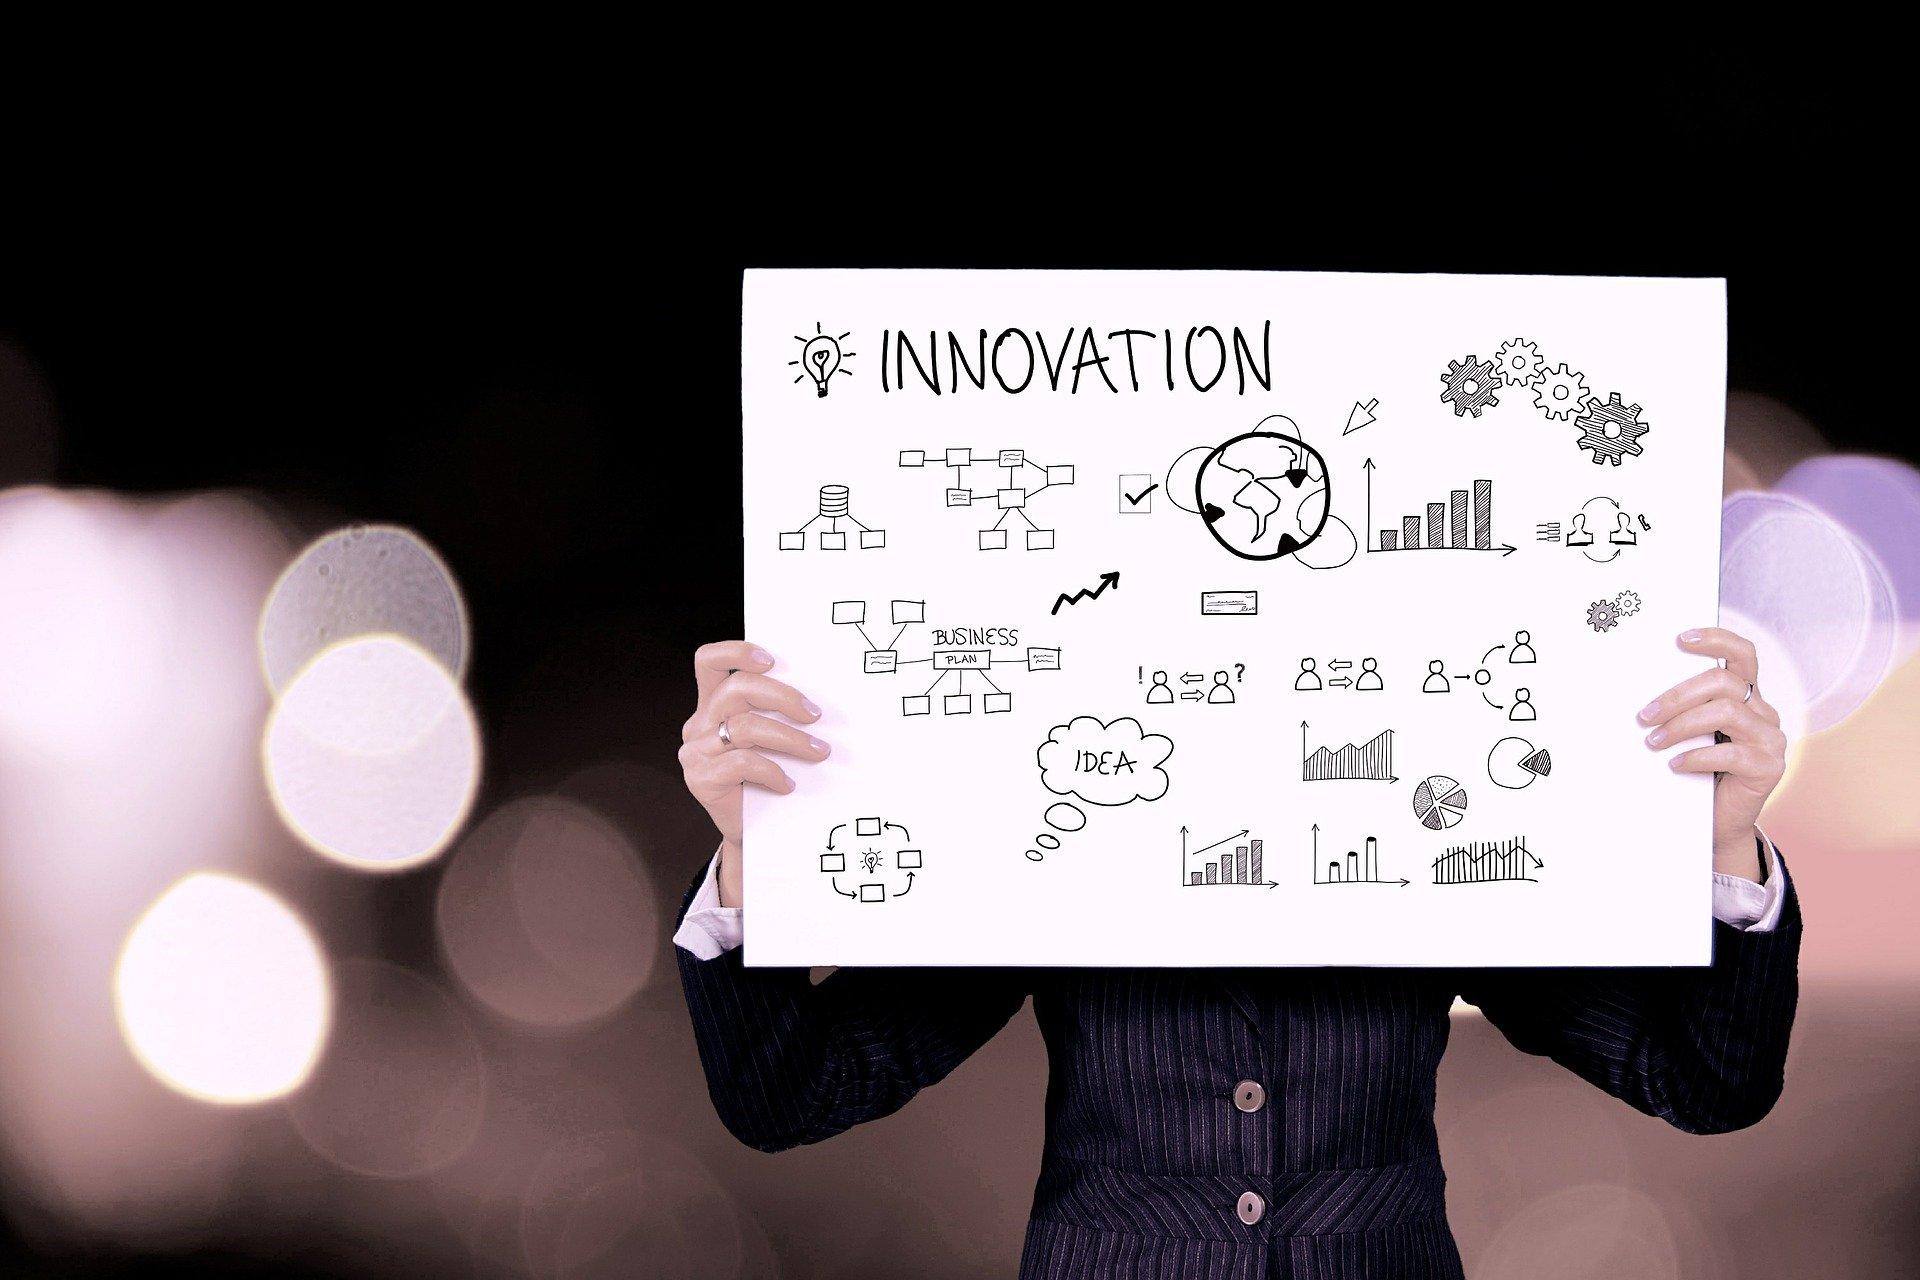 Contoh Foto 4 Cara Pemasaran Produk Bisnis yang Efektif 1